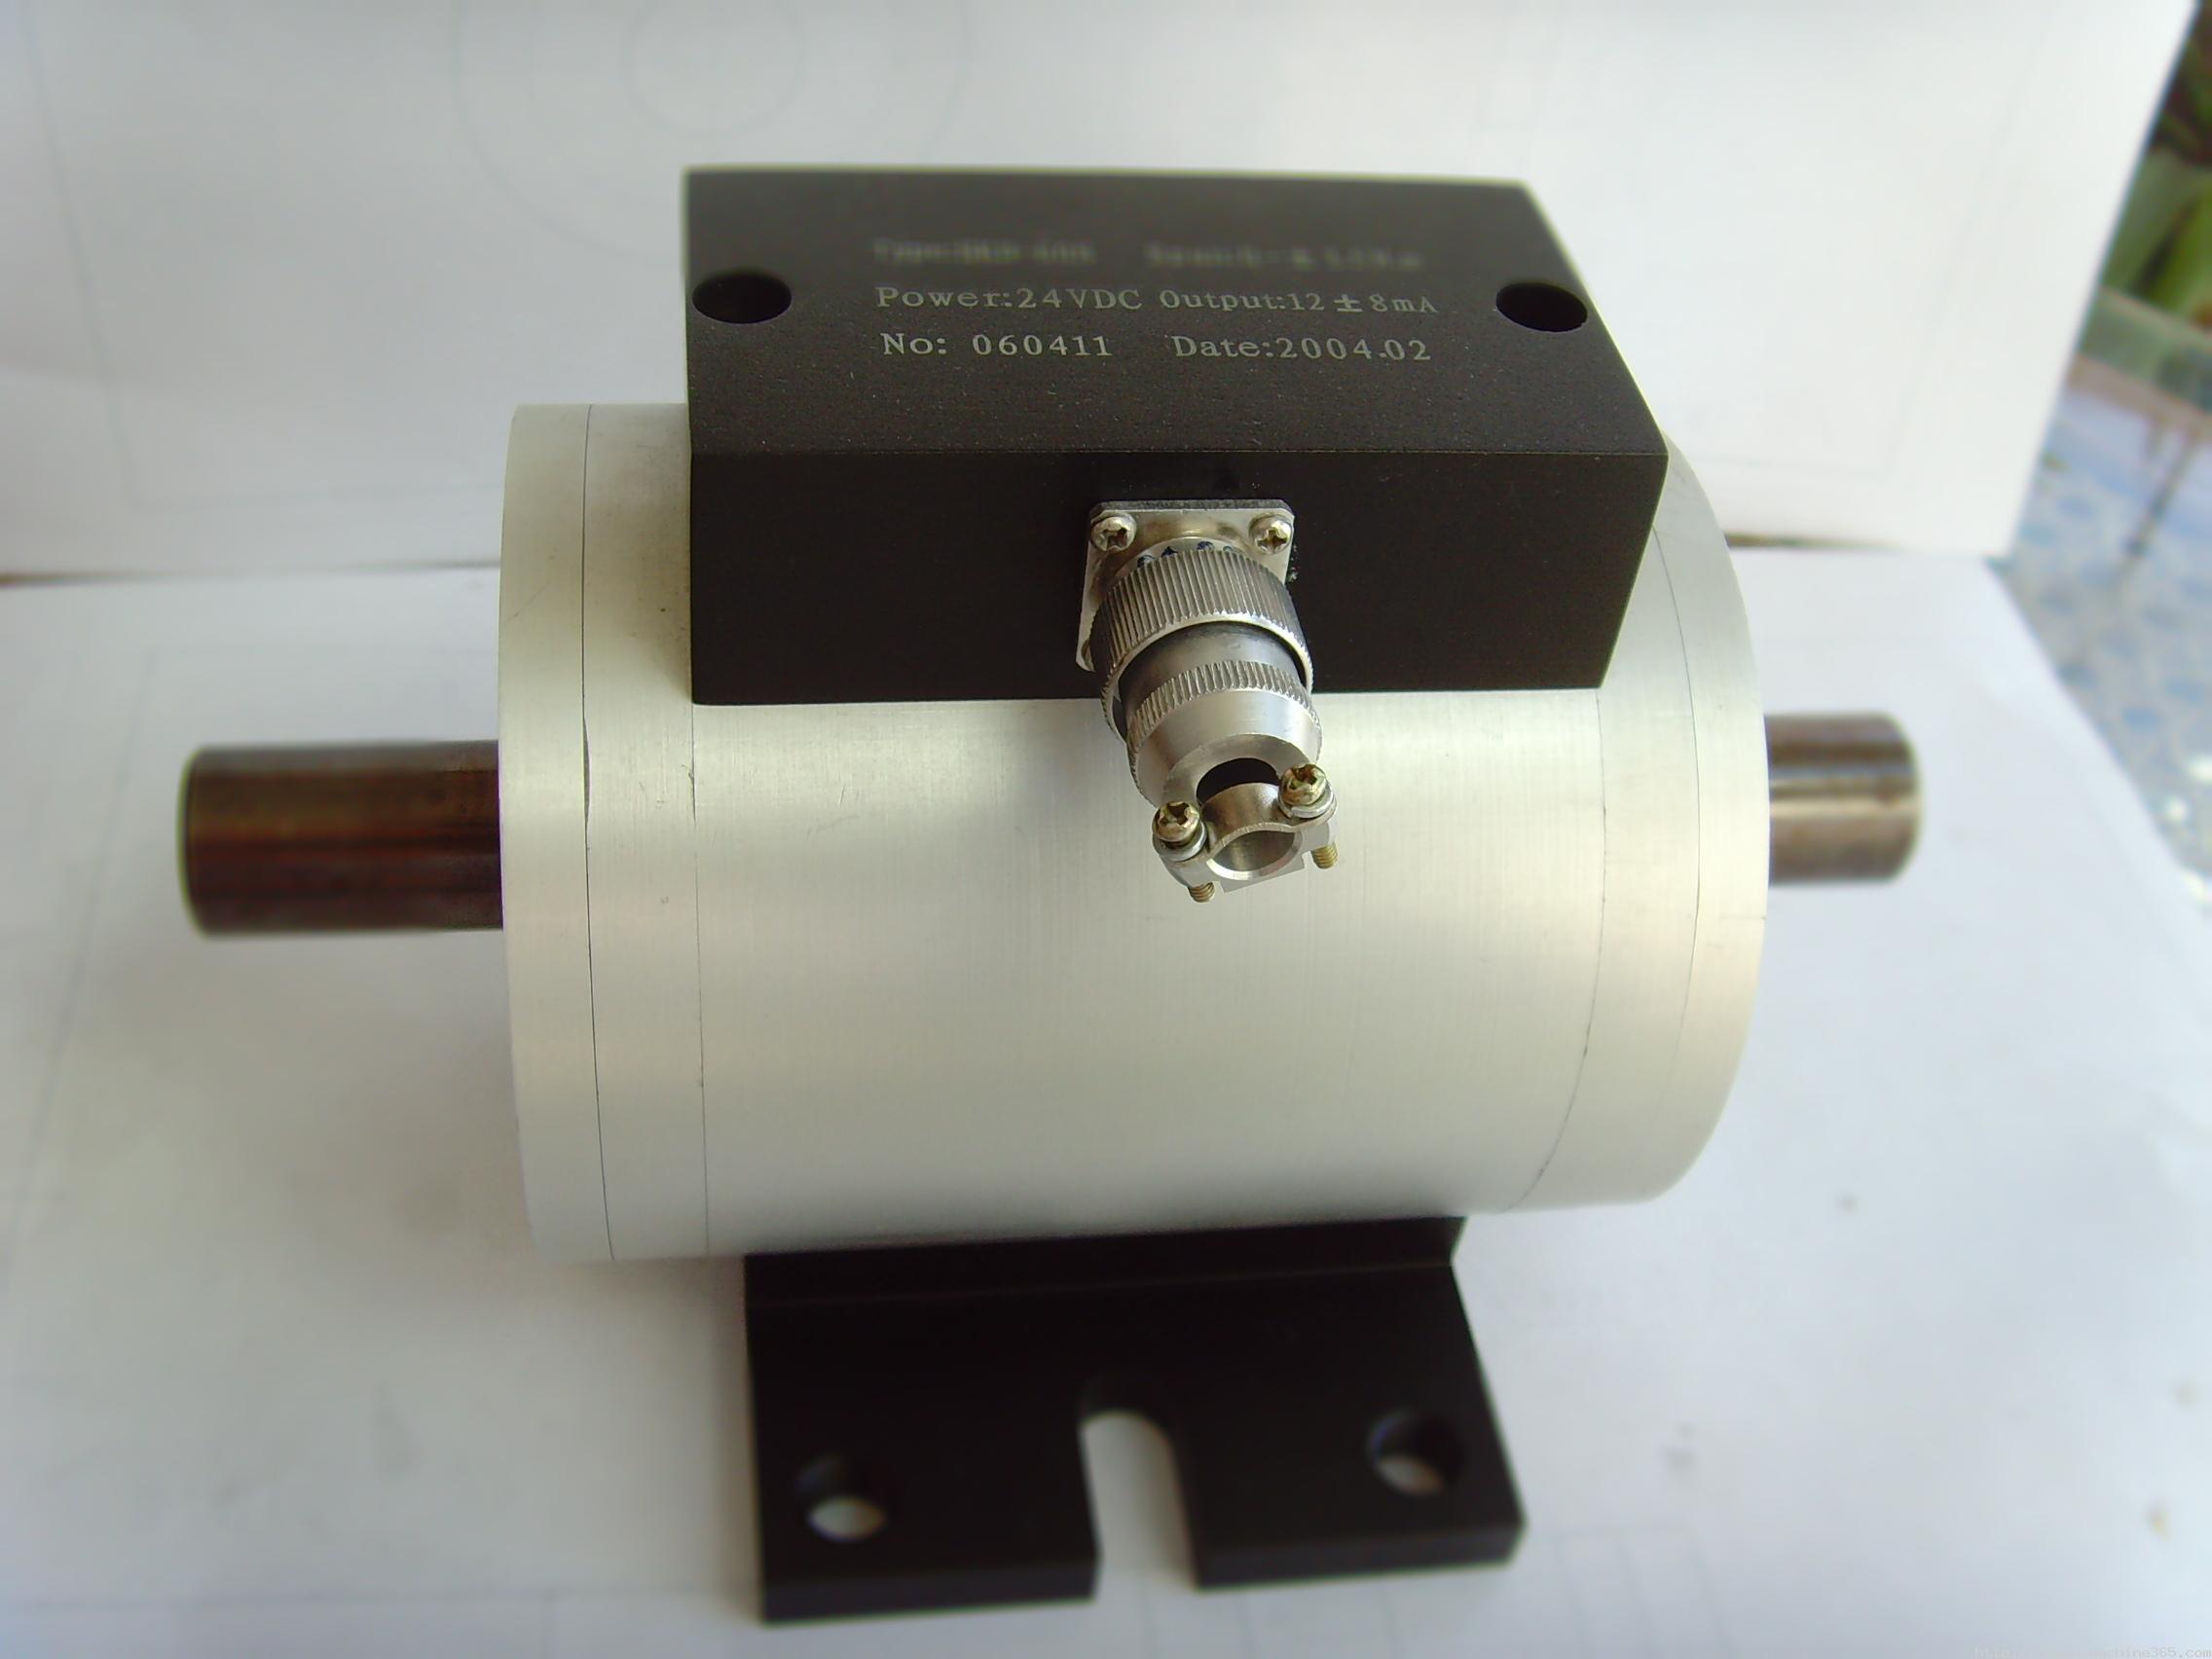 力学计量标准器具-供应扭矩传感器-中华机械网